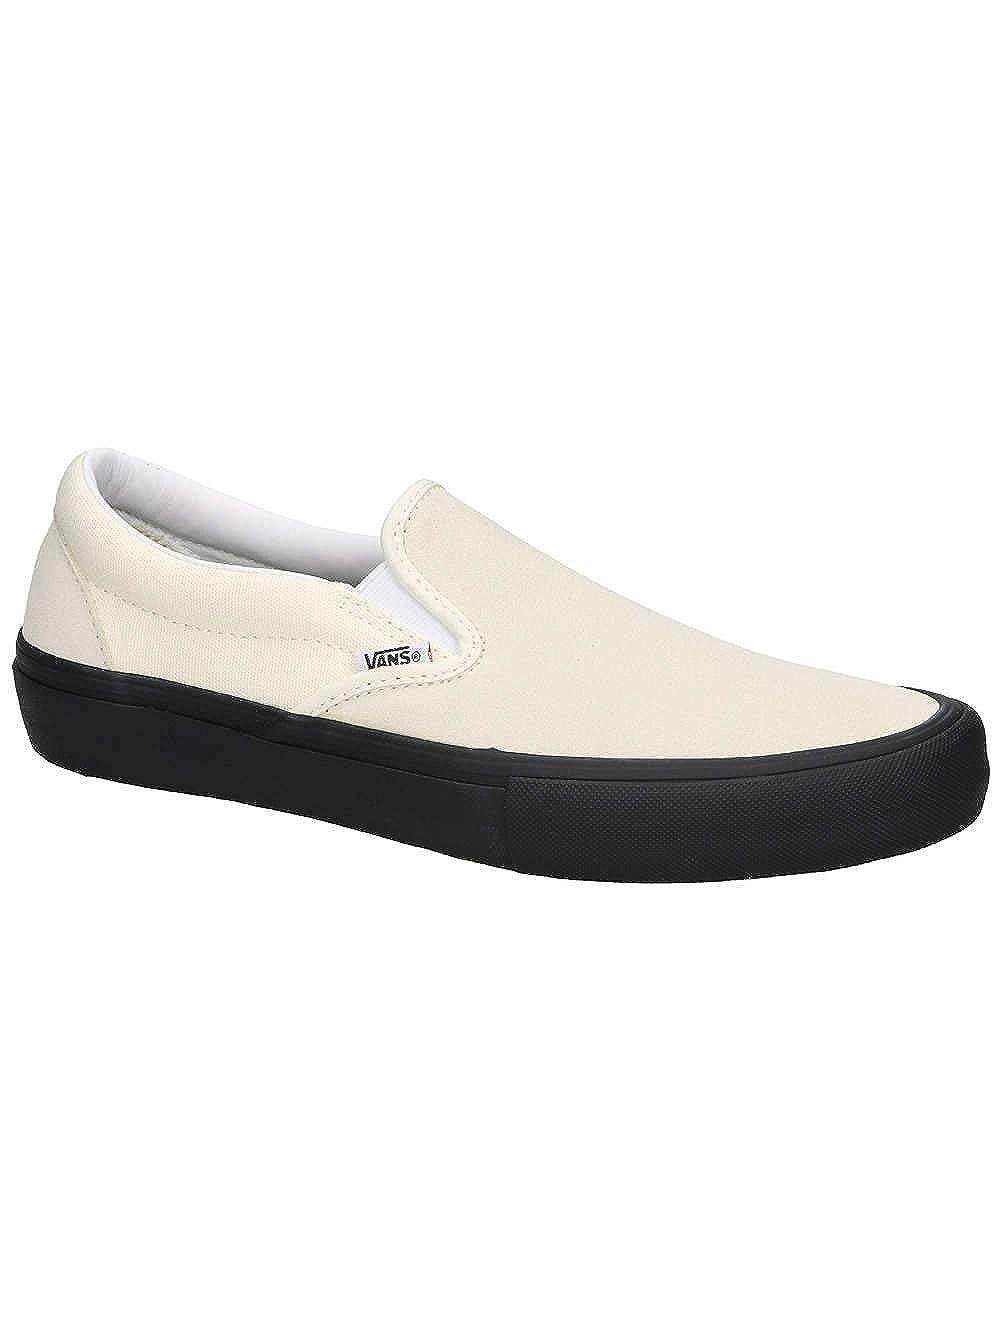 Vans Herren Slip On Slip-On Pro Skate schuhe